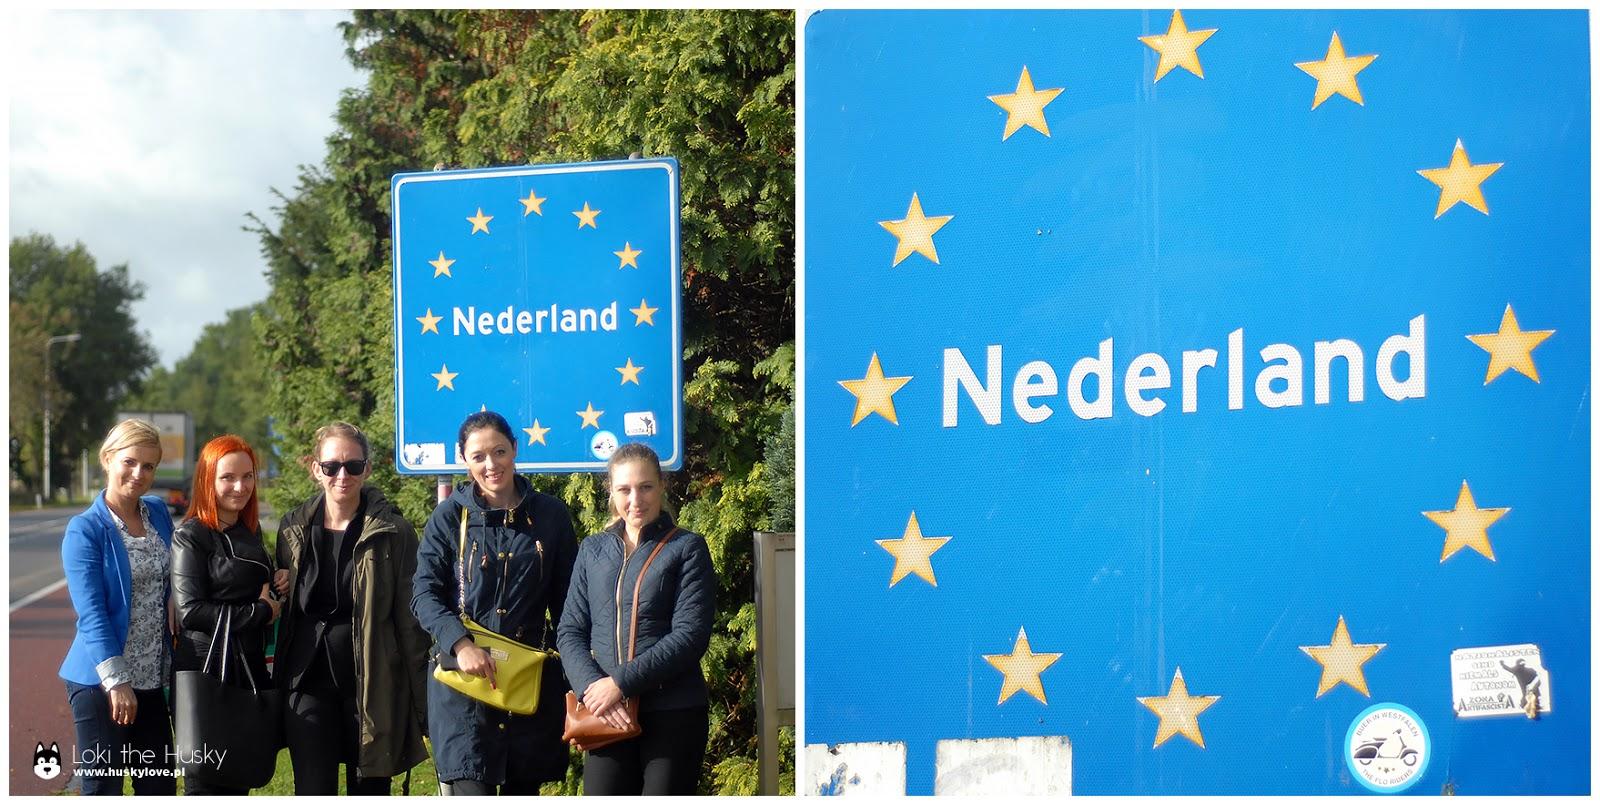 Na granicy z Holandią